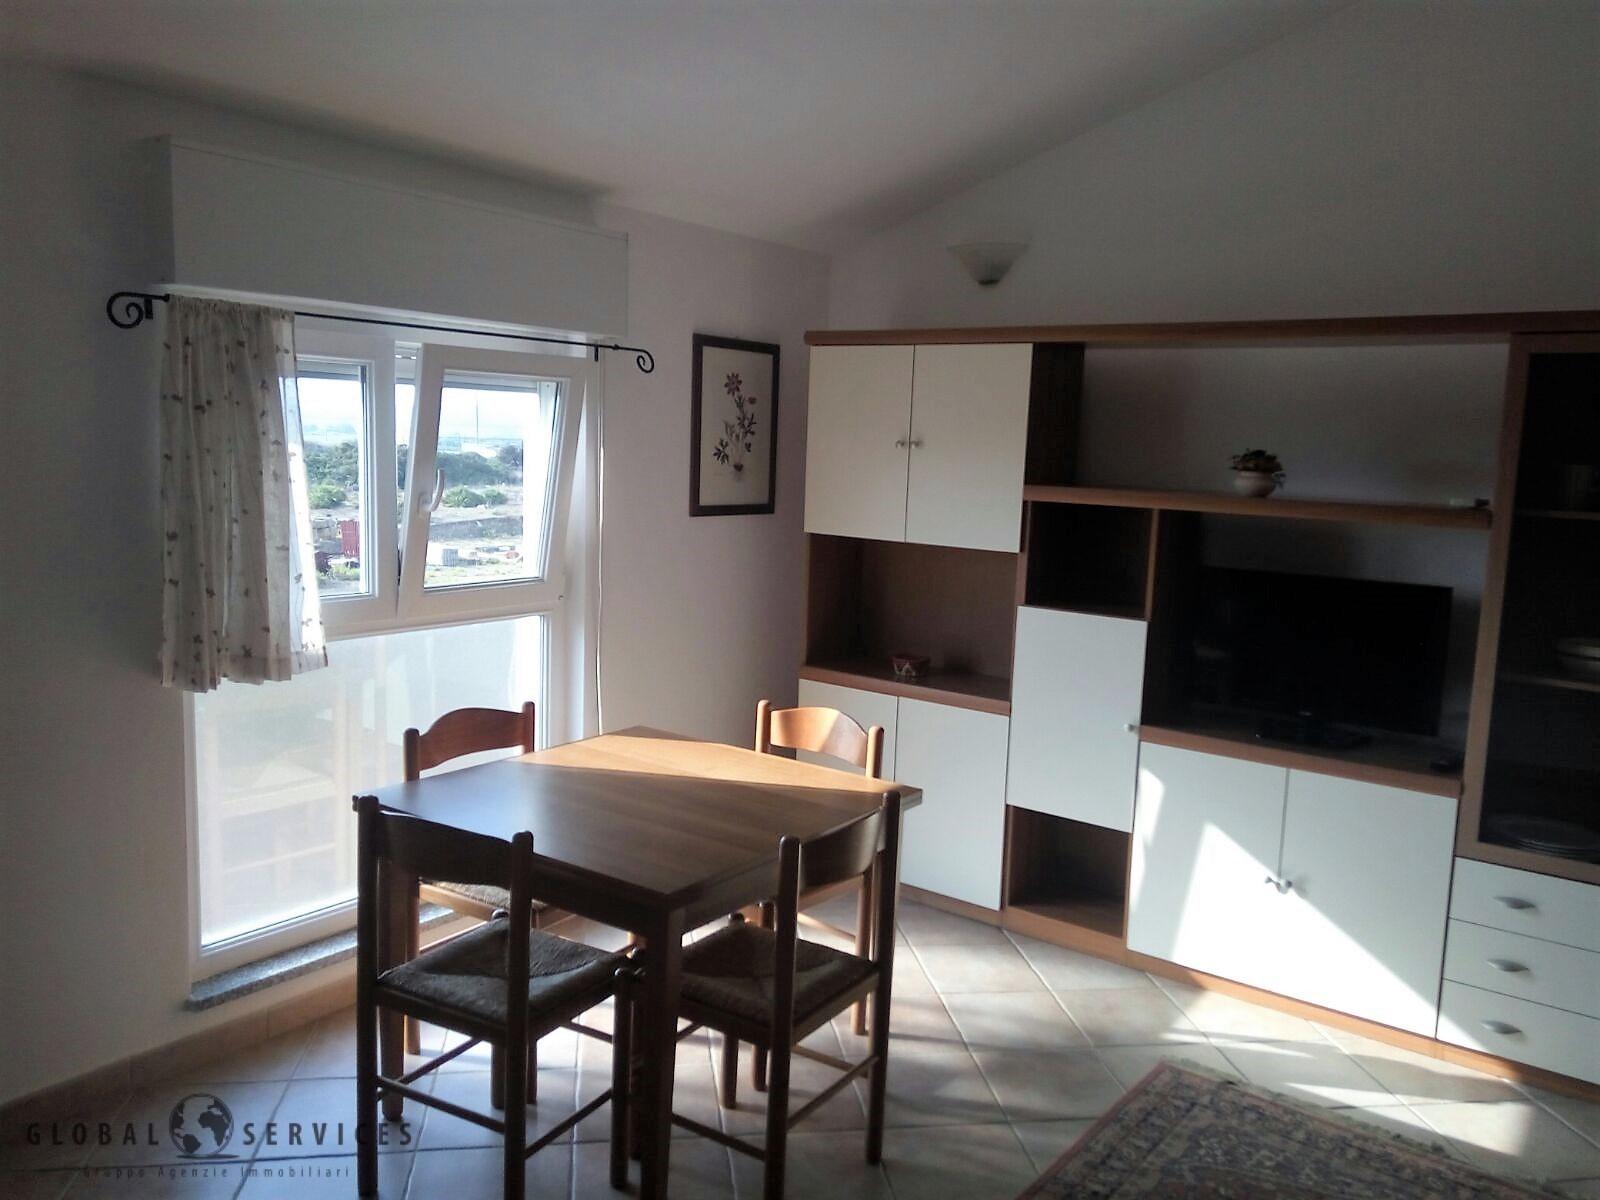 Appartamento mansardato in vendita Olmedo